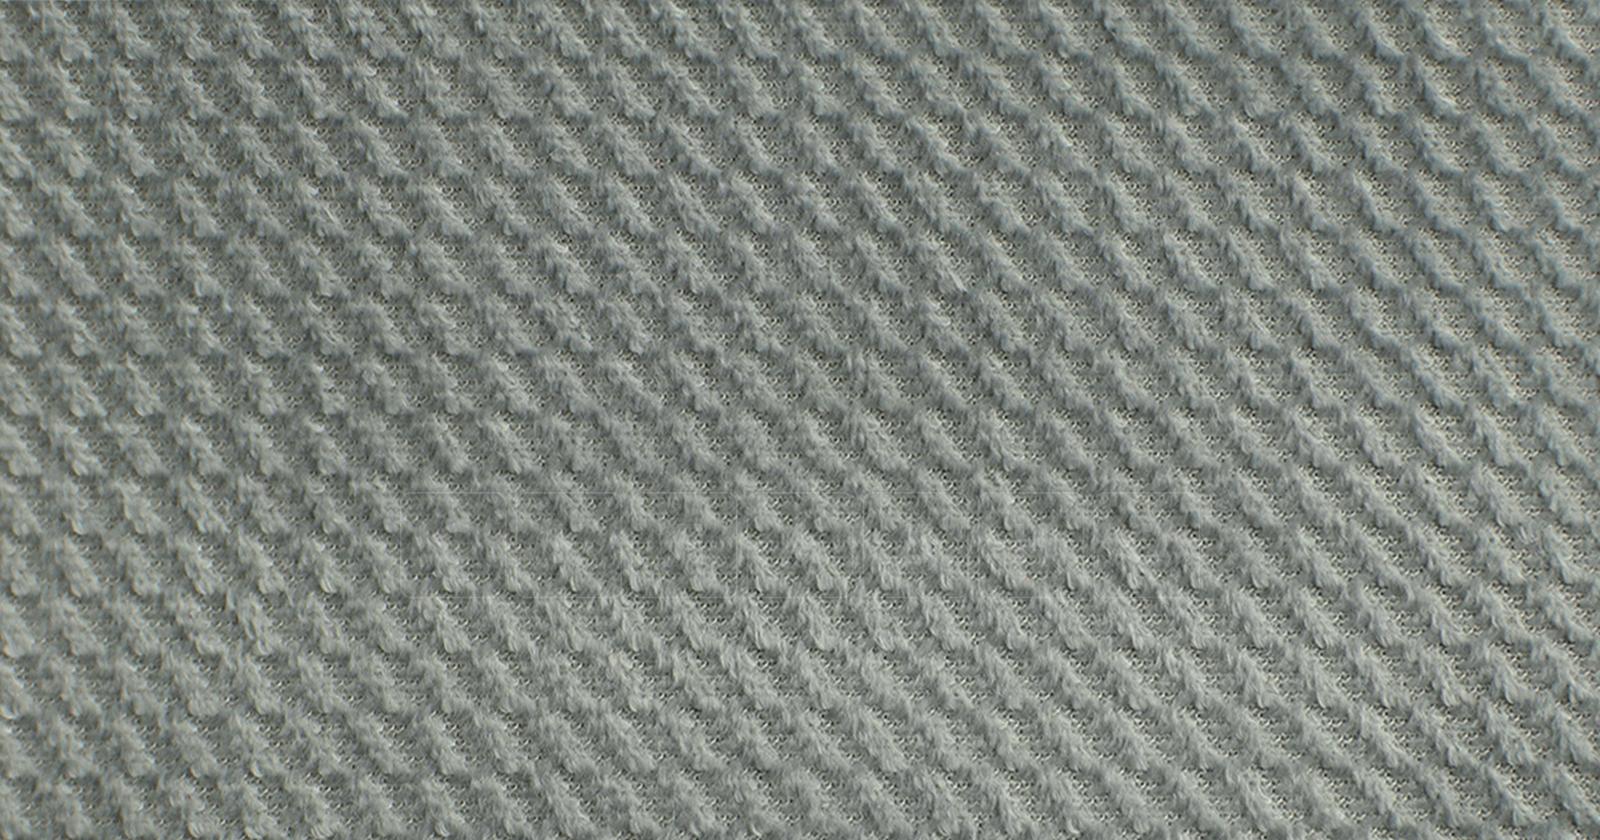 Мягкая кровать Мелисса 160 см велюр серебристый серый фото 3 | интернет-магазин Складно